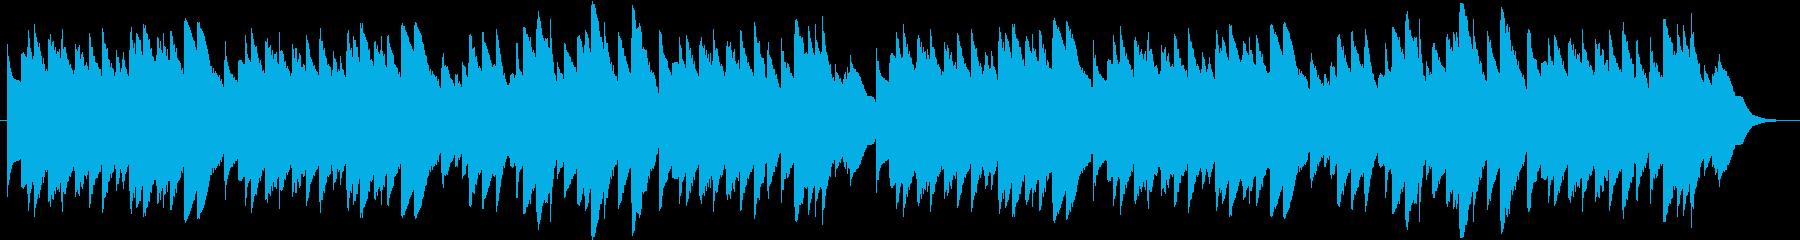 「ひいらぎ飾ろう」のオルゴールバージョンの再生済みの波形